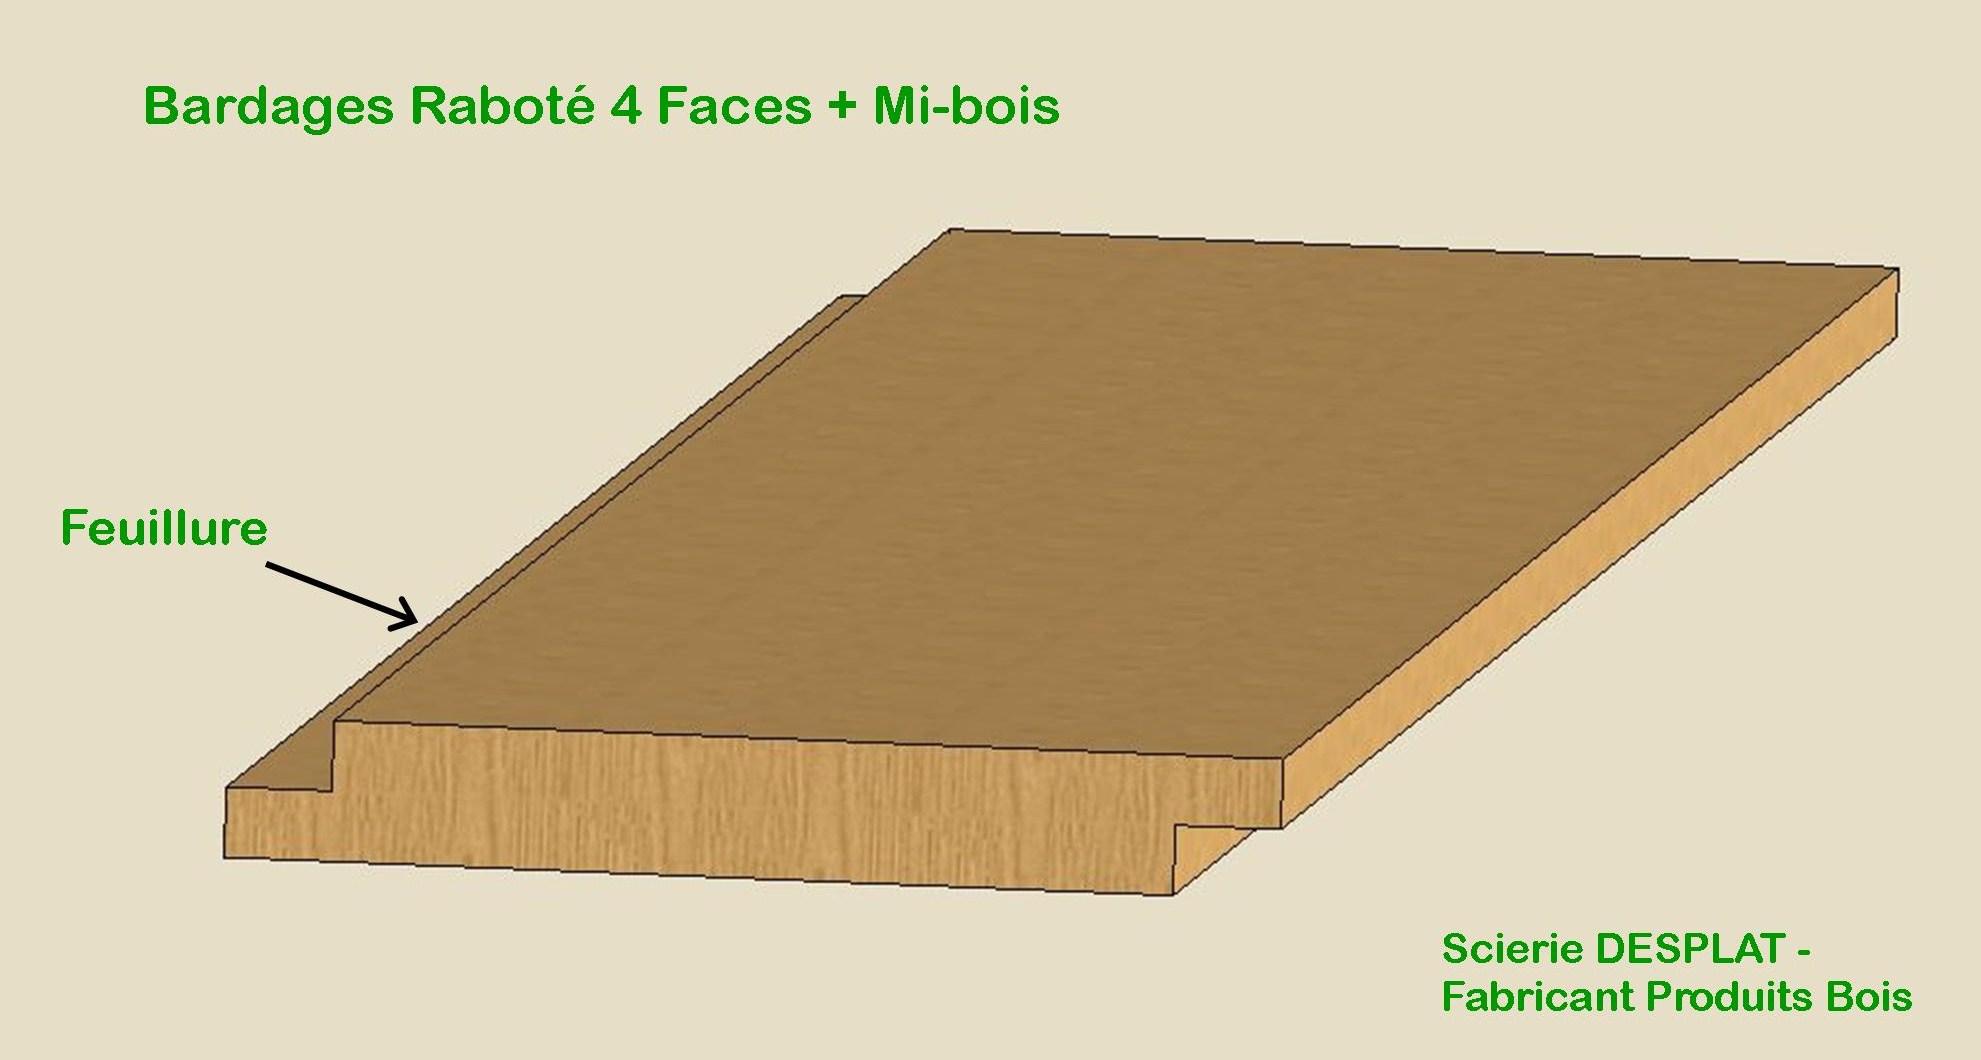 planche de bardage bois id e int ressante pour la conception de meubles en bois qui inspire. Black Bedroom Furniture Sets. Home Design Ideas